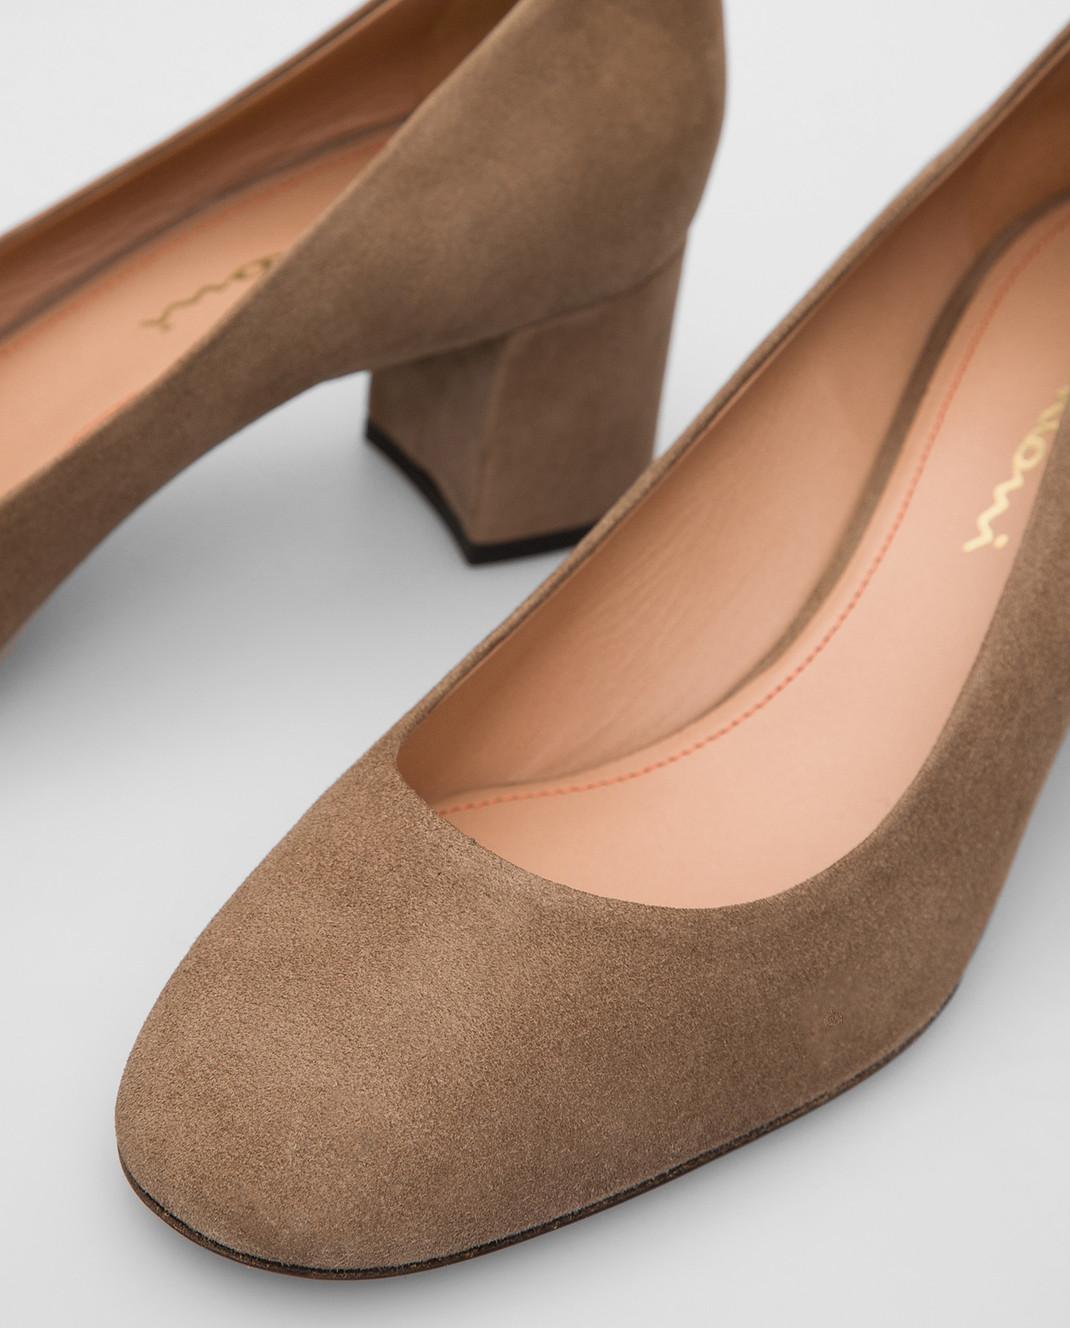 Santoni Бежевые замшевые туфли изображение 5